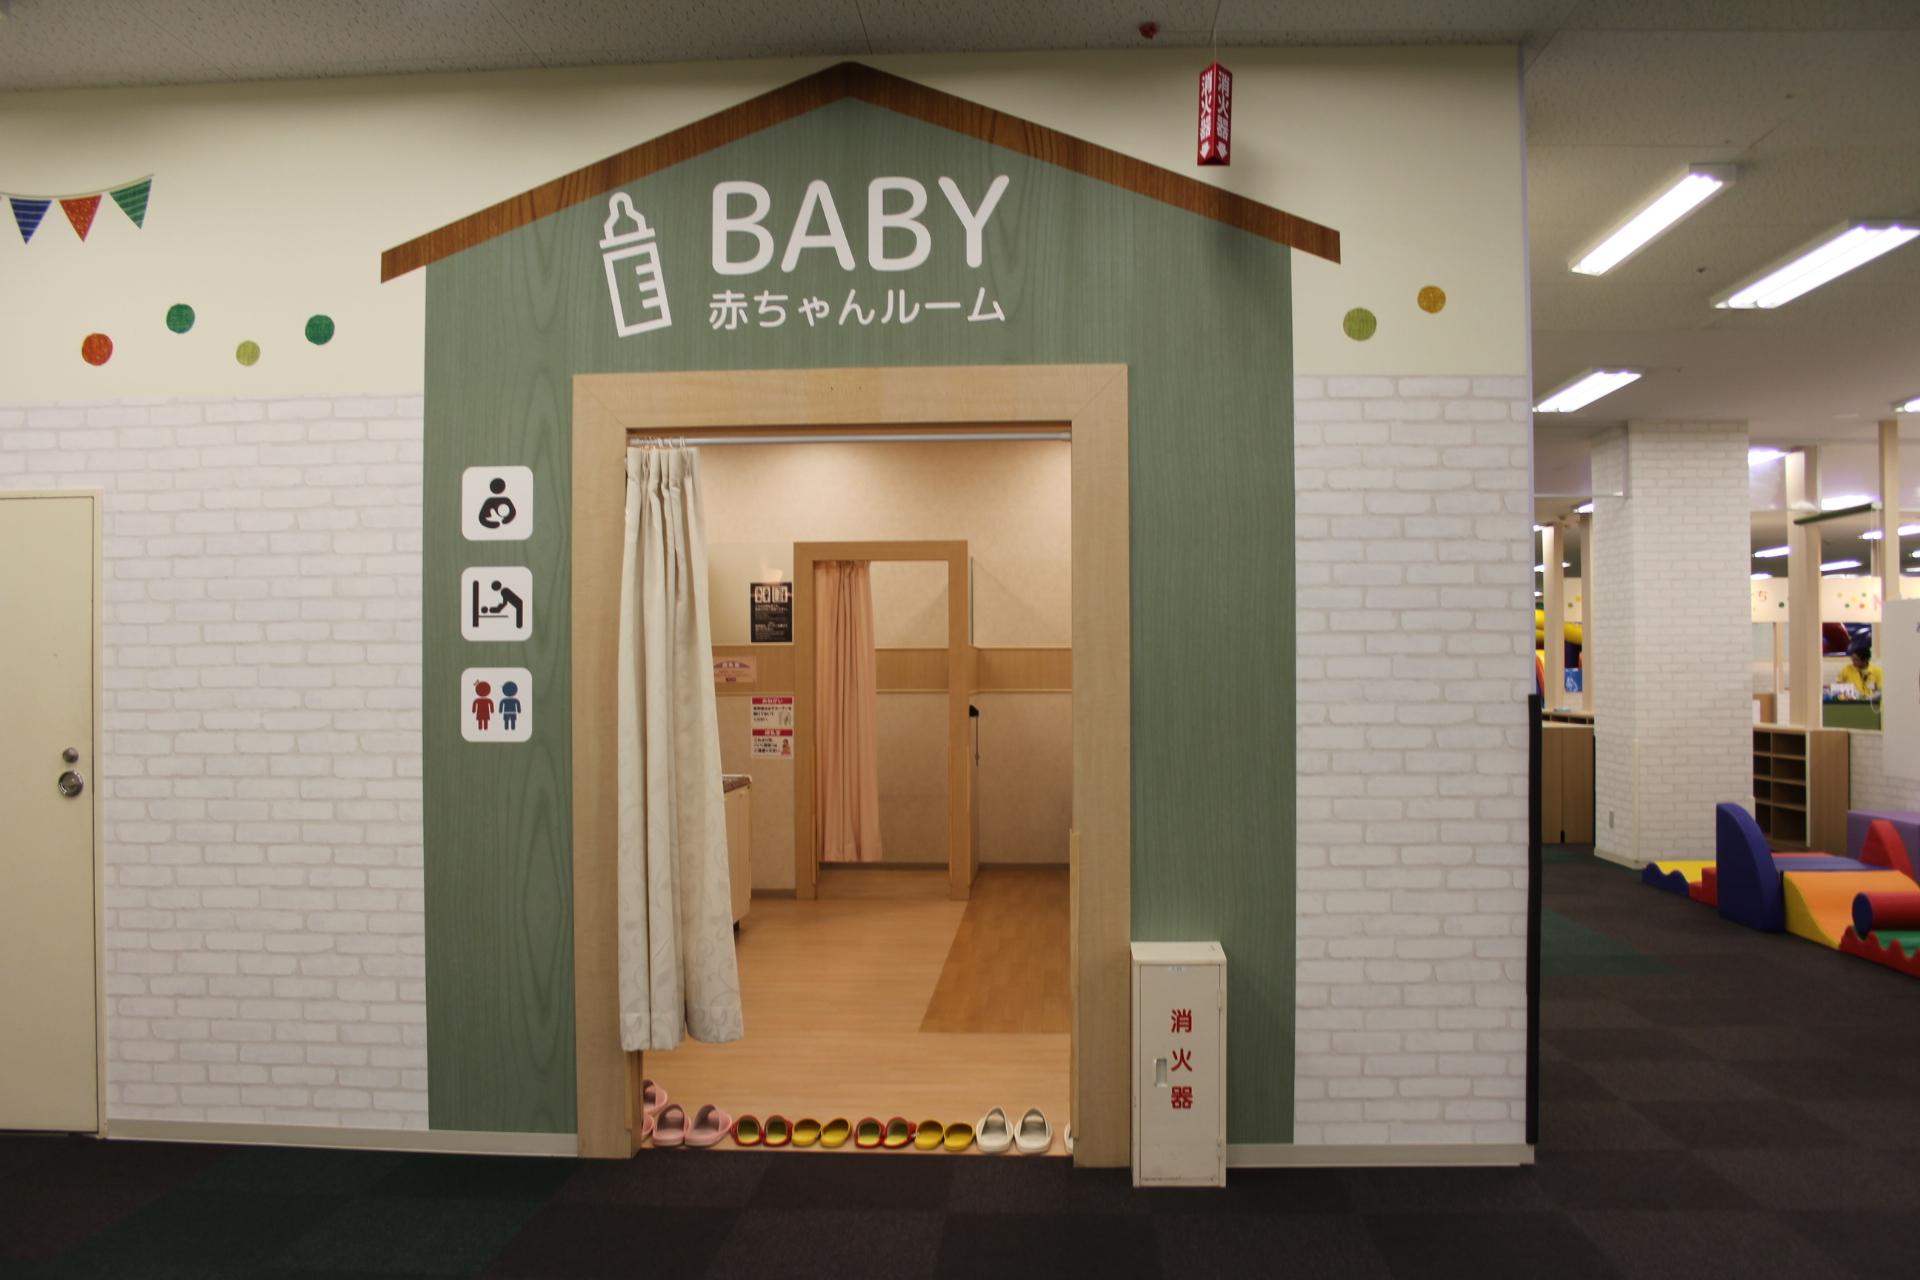 乳幼児のお客様も利用できます